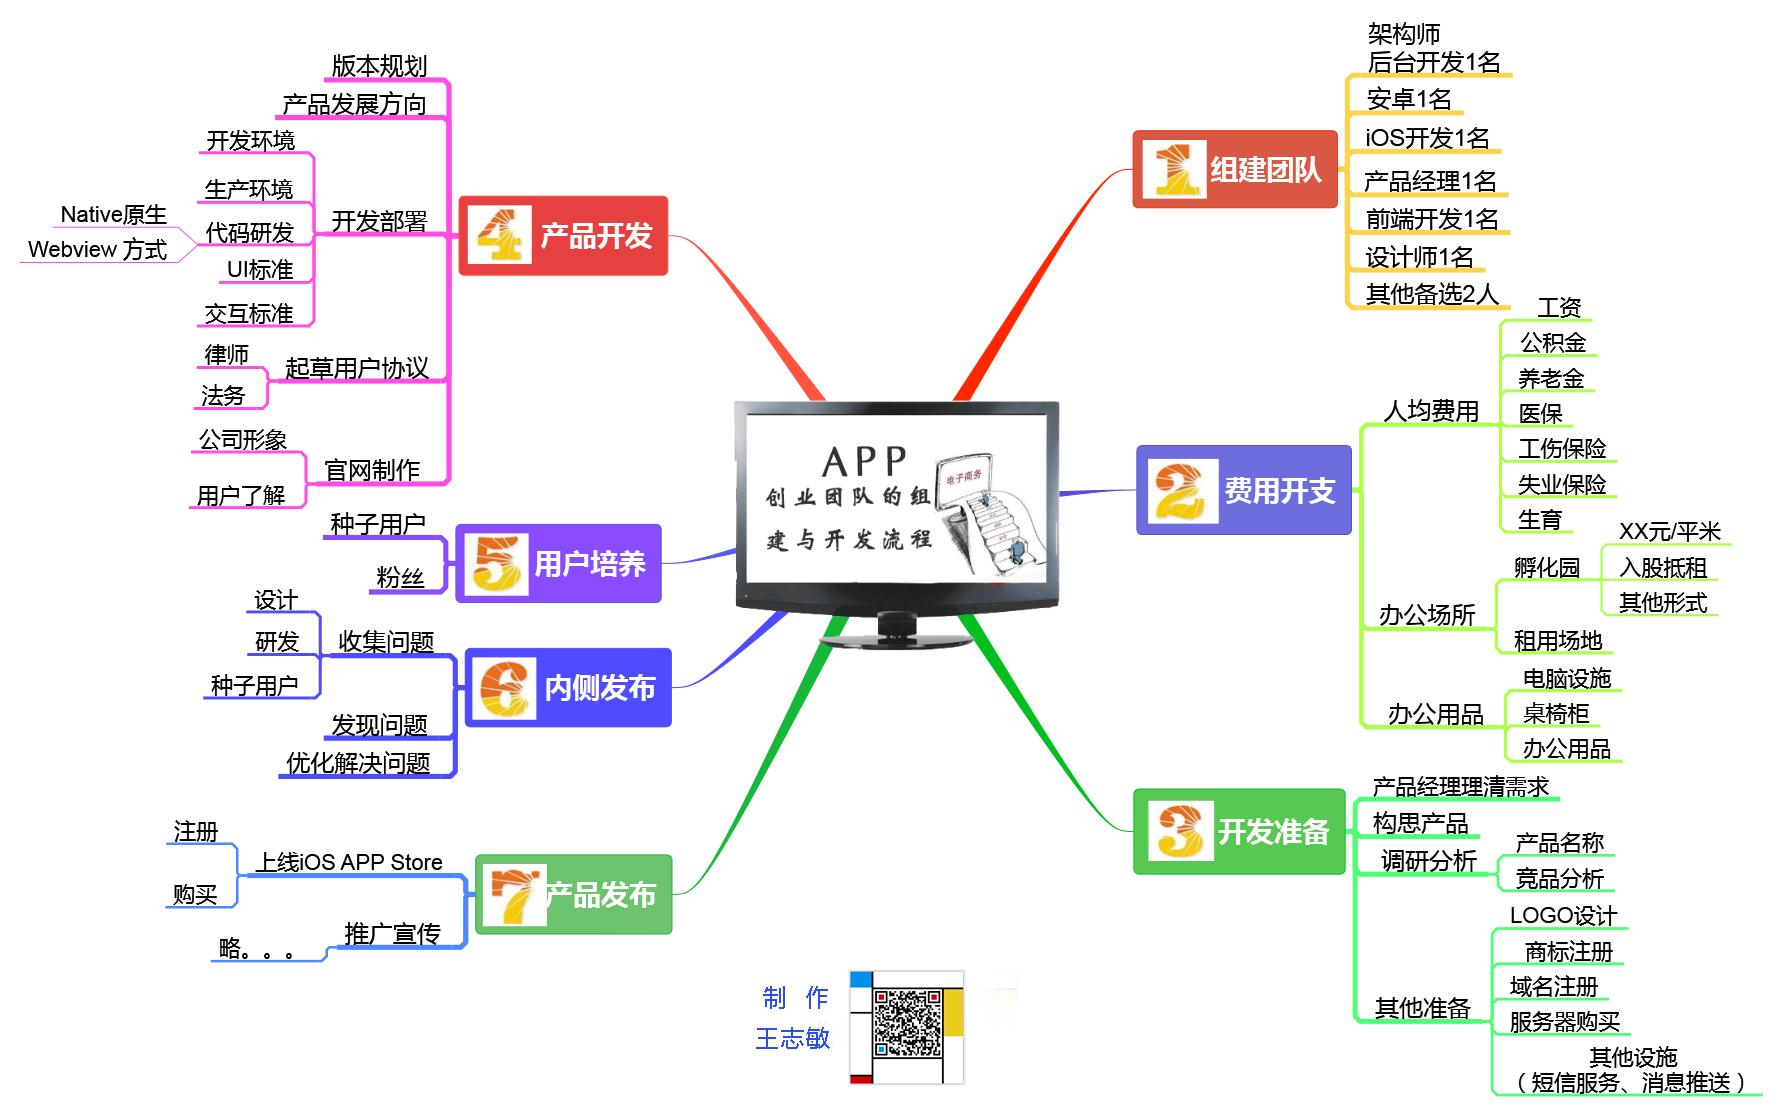 APP创业团队的组建与开发流程